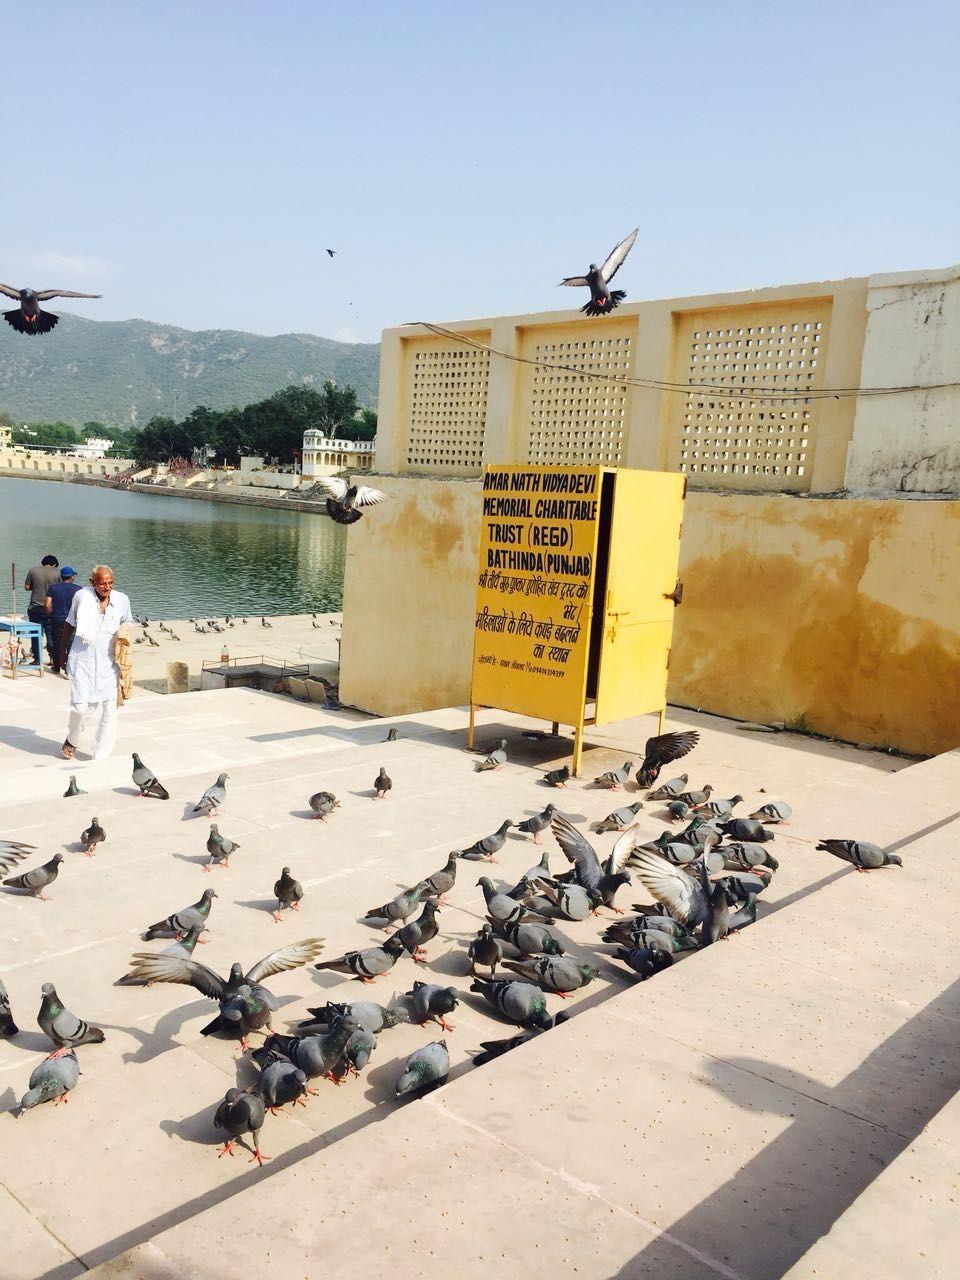 Photo of Pushkar By ijazalfa